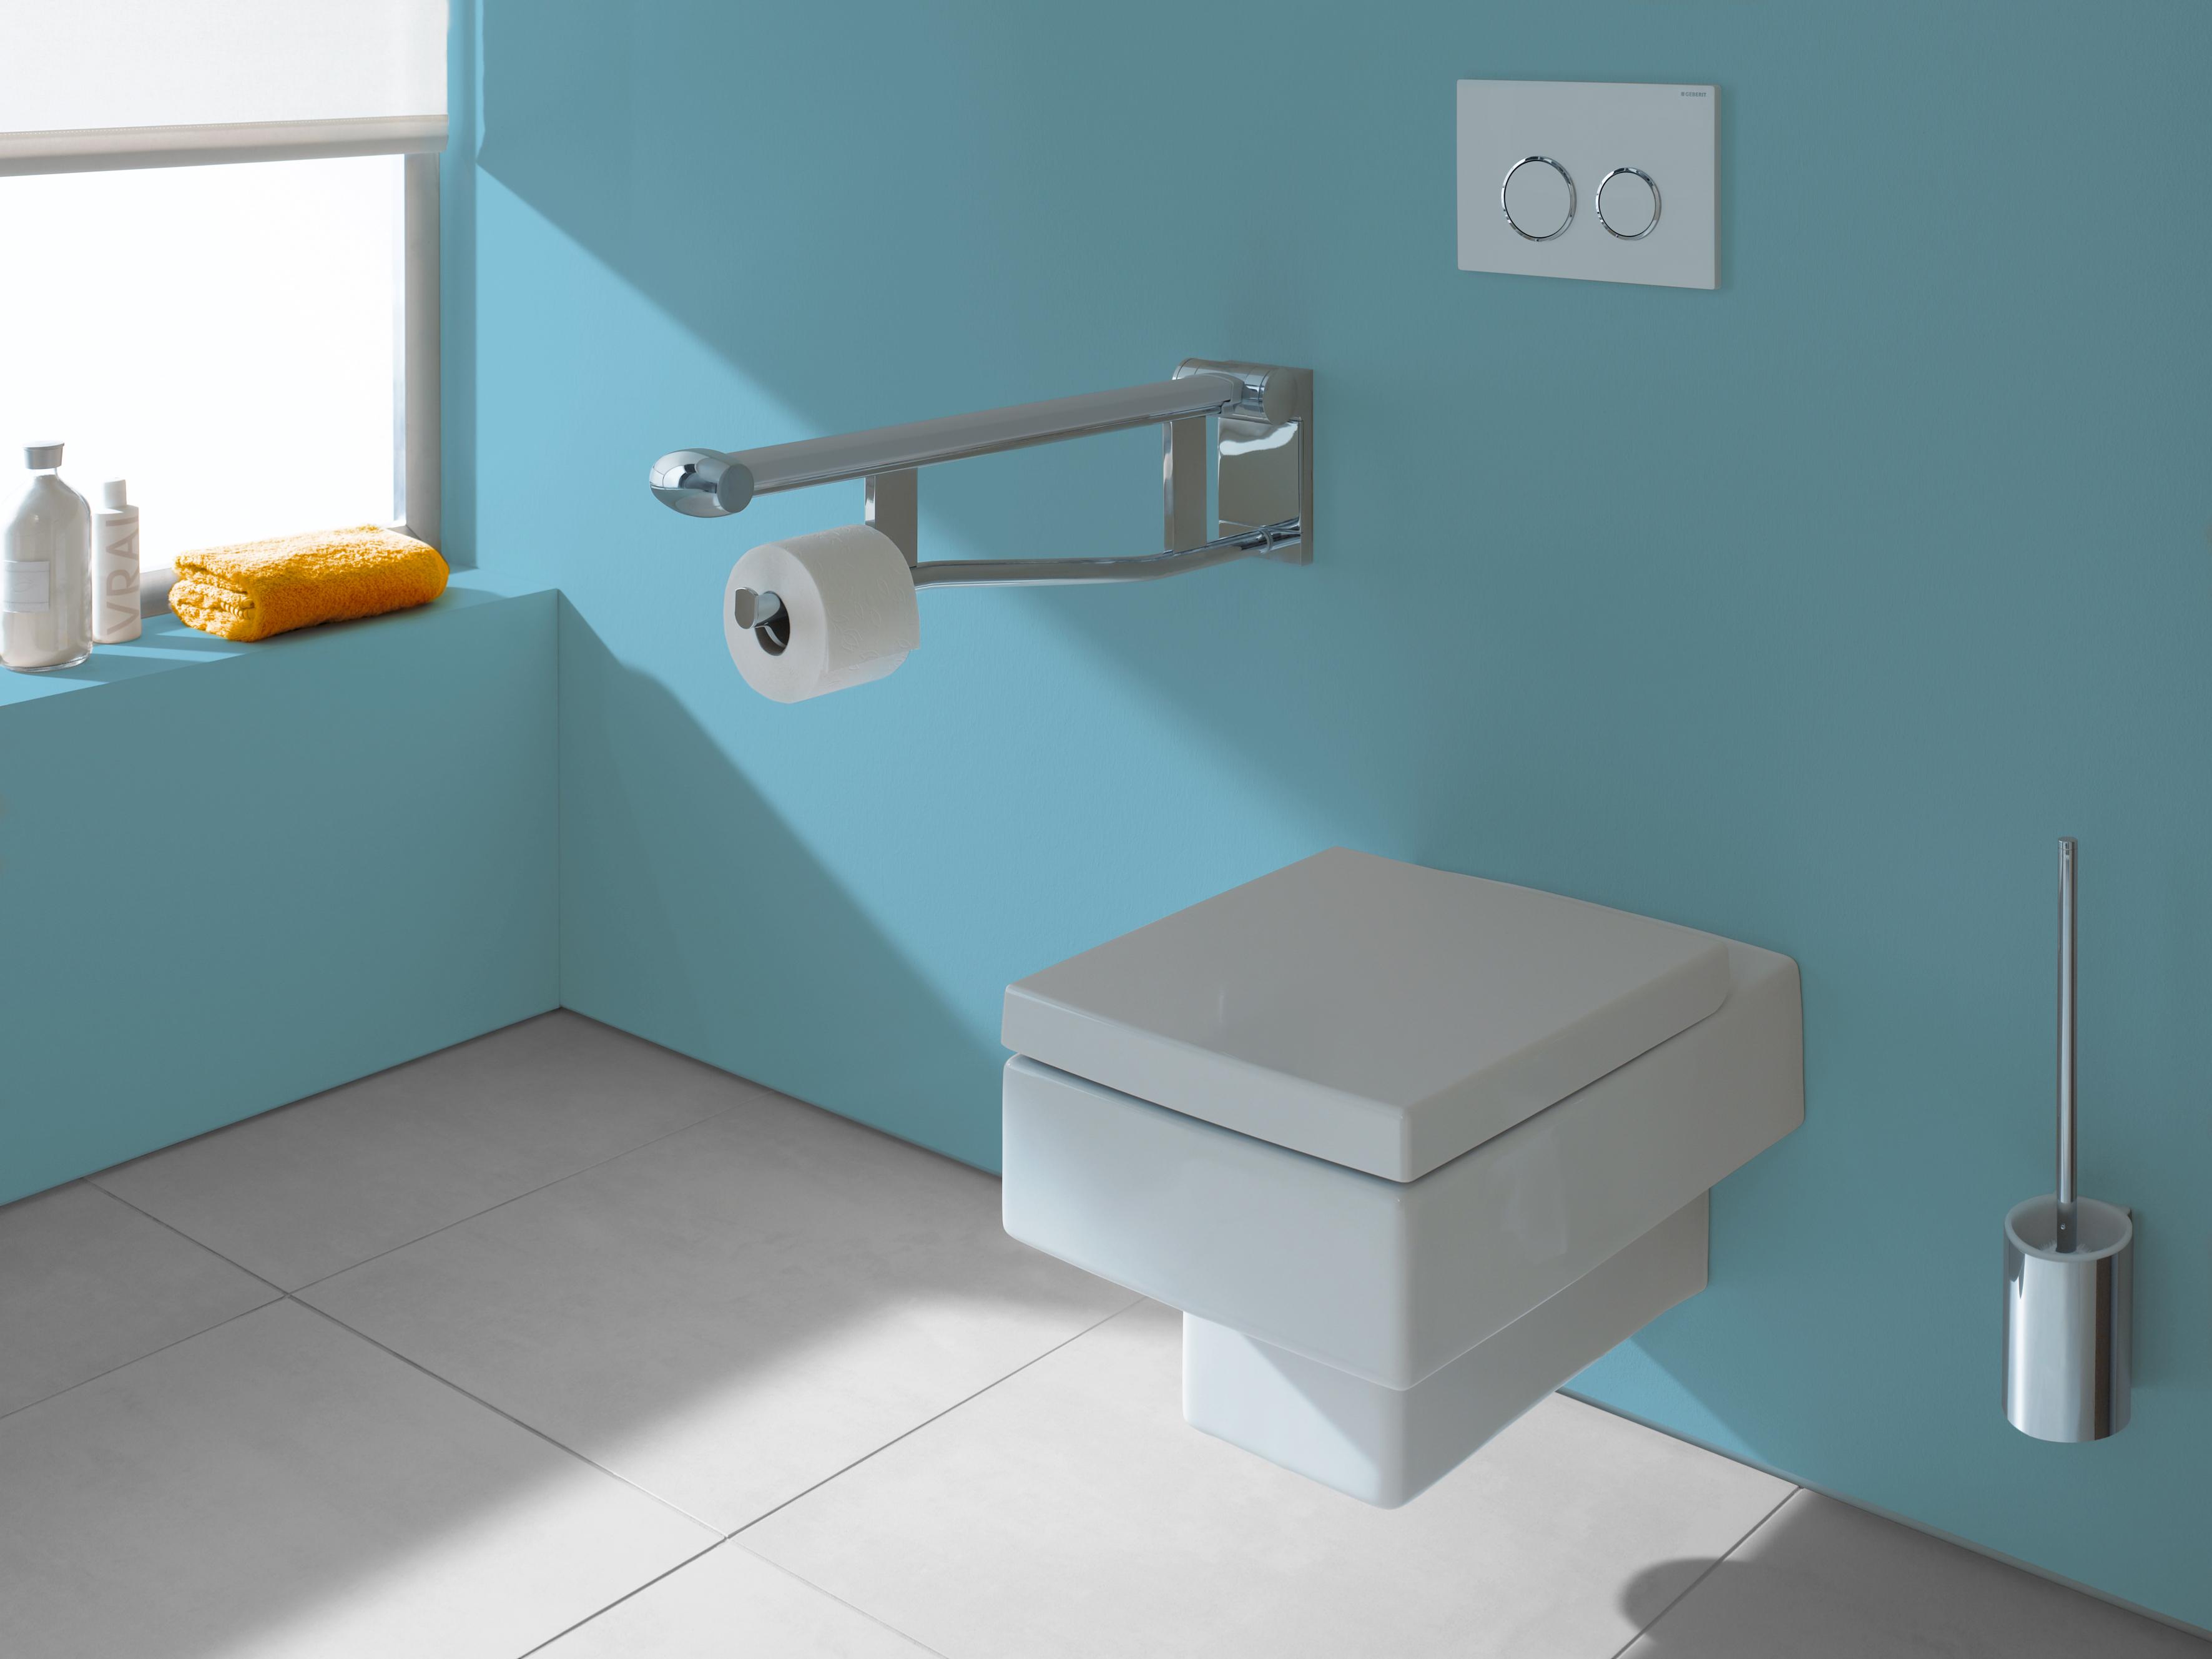 grab bar paper holder for residential pro